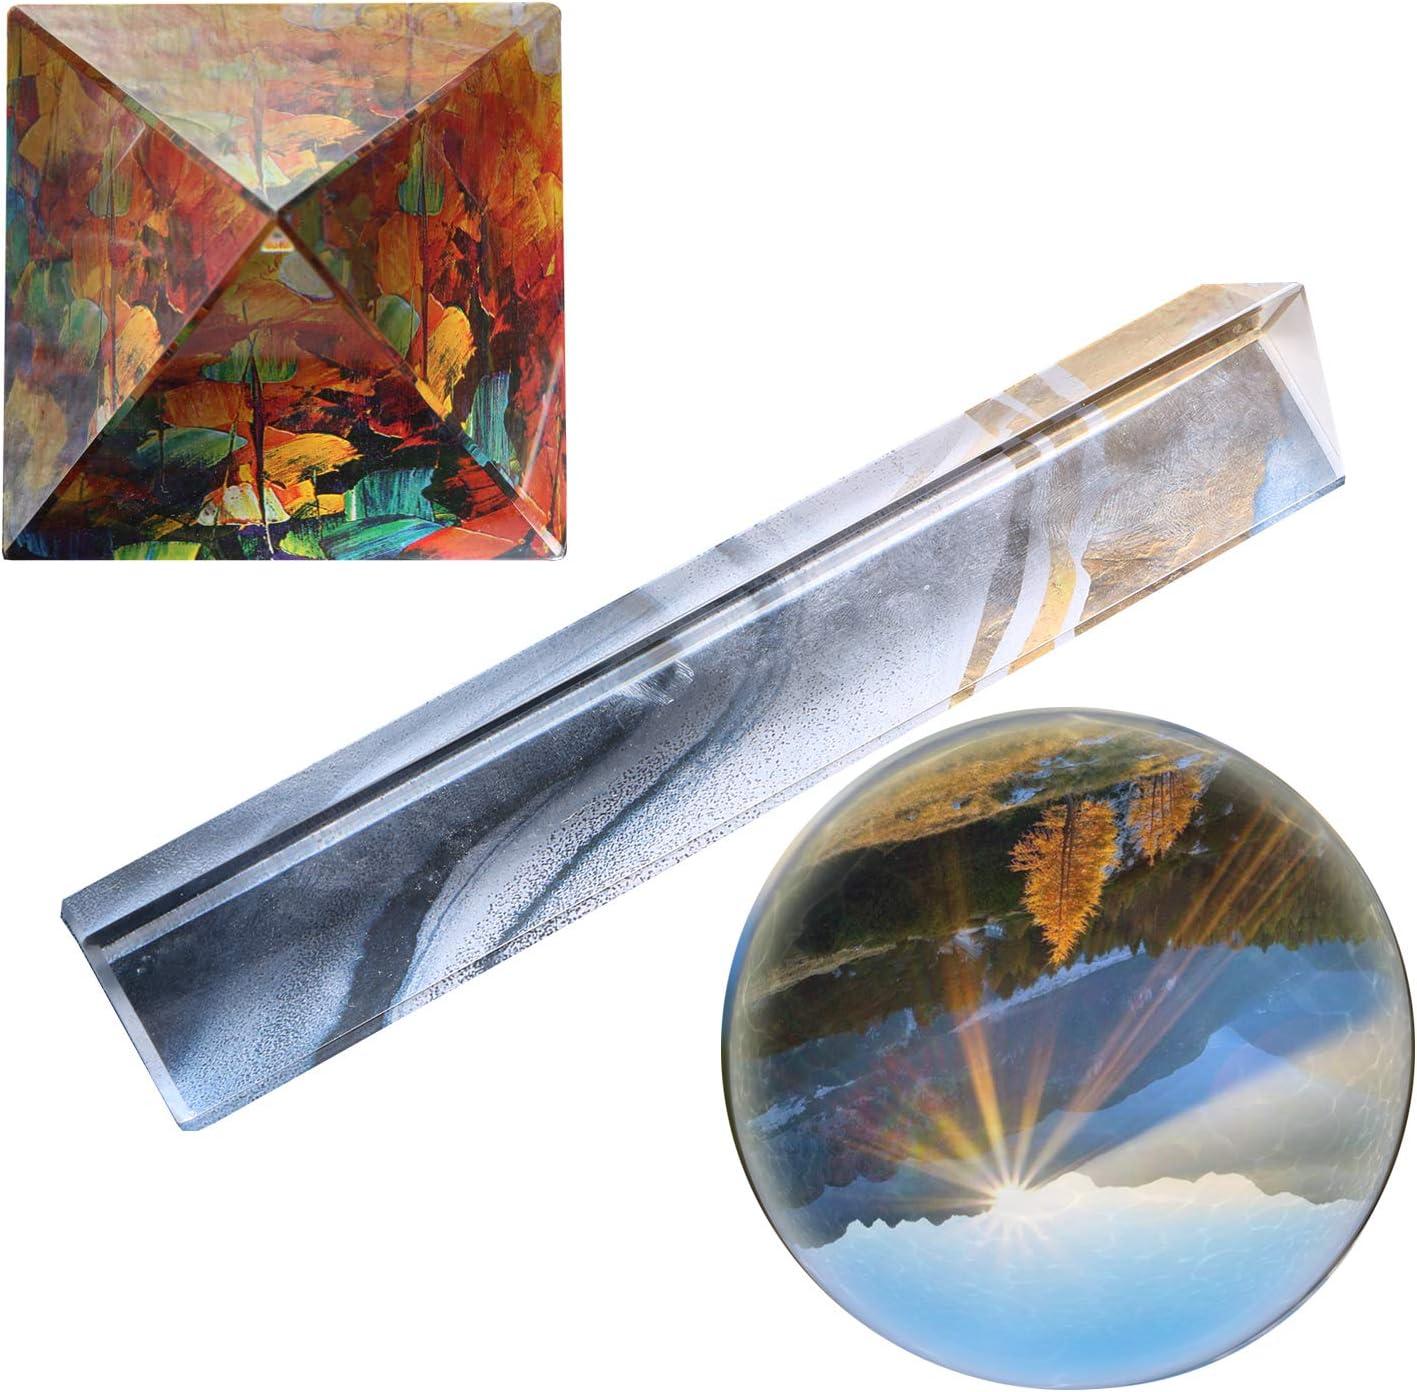 YYZLL Verre Prisme Triangulaire 30 x 30 x 50 MM Verre Optique Prisme r/éfracteur Spectre Photographie Verre Prisme exp/érience Scientifique Physique enseignement Accessoires Jouet Cadeau pour Enfants